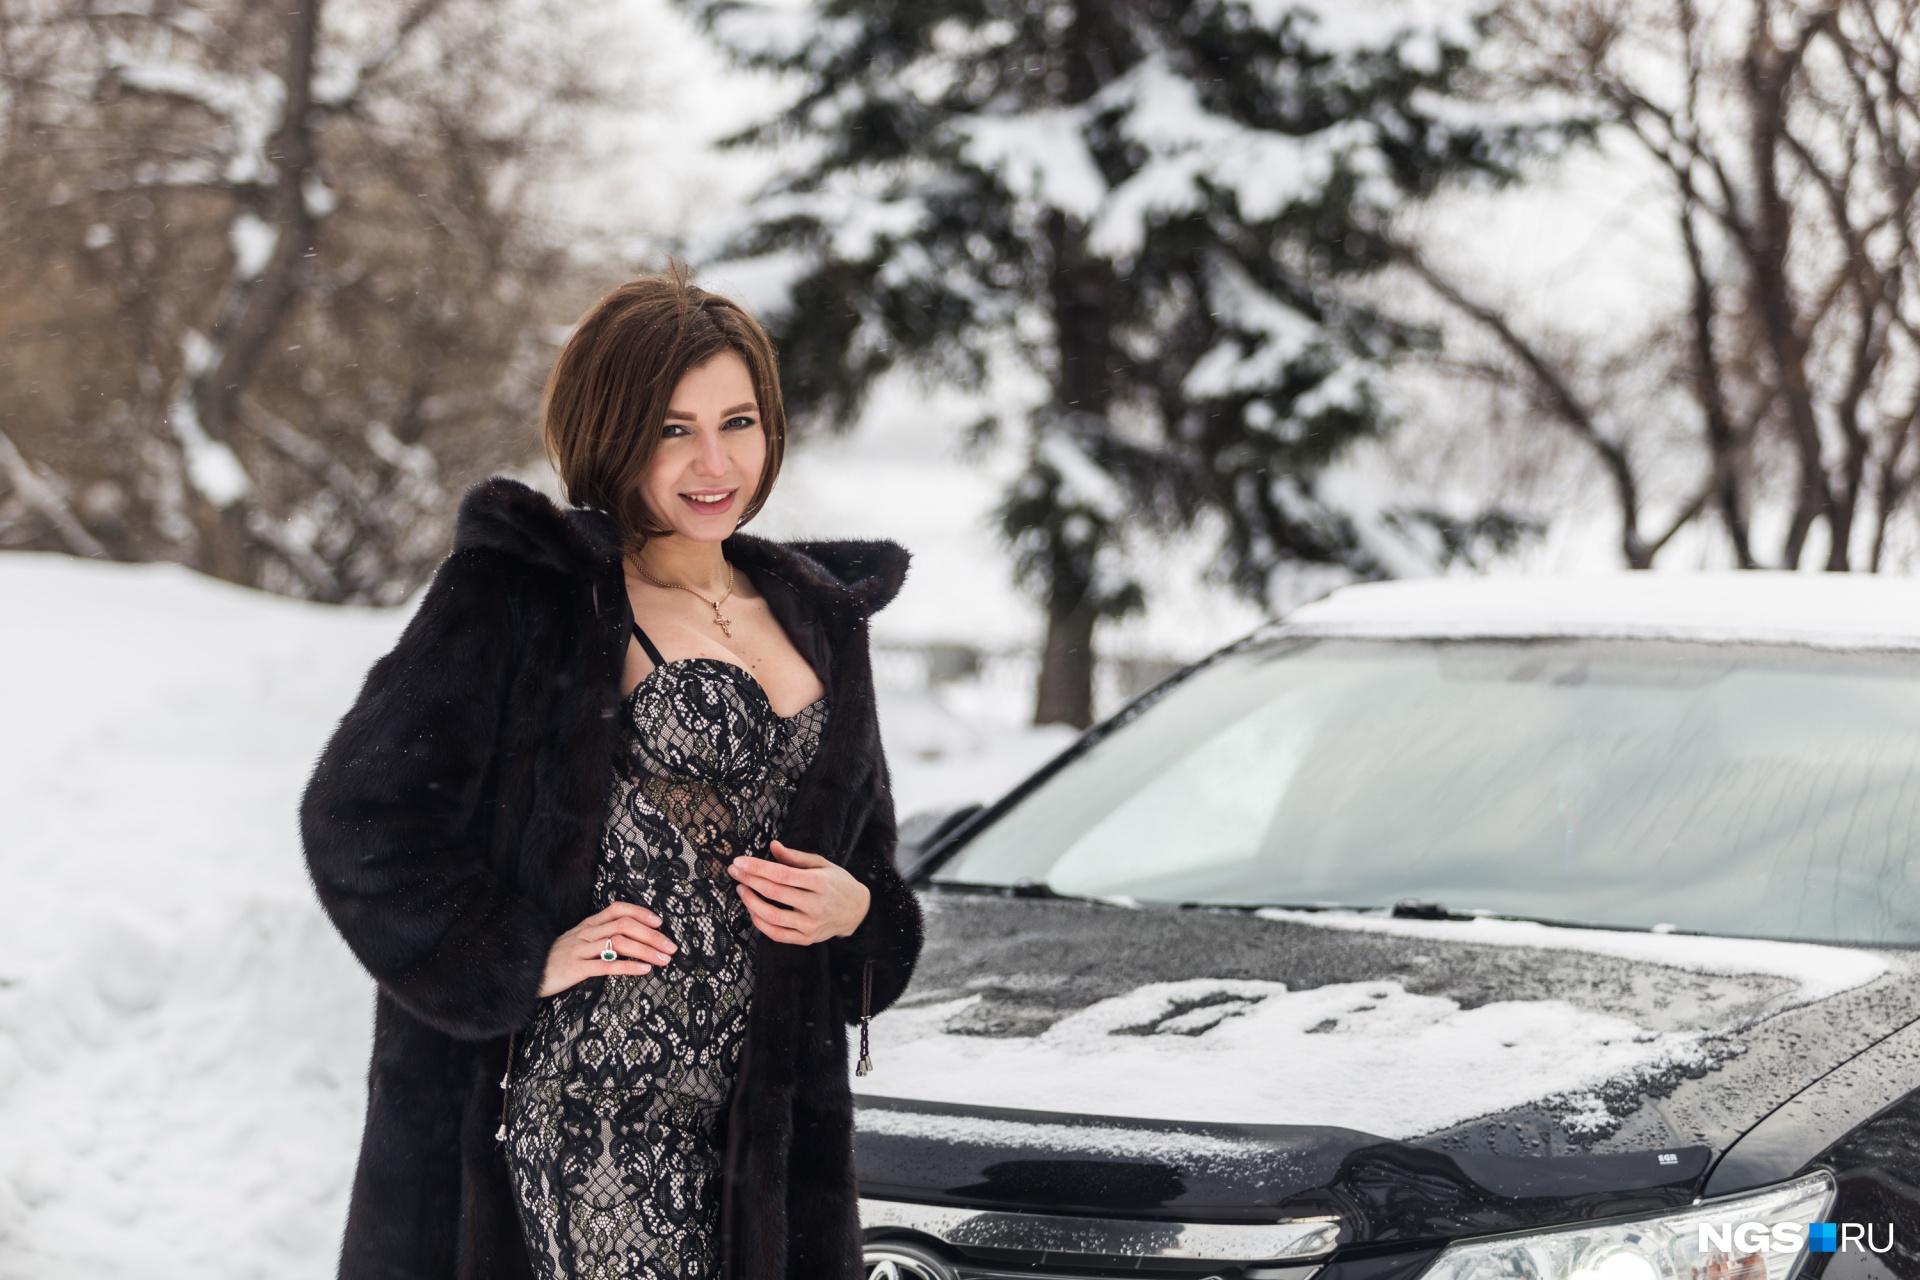 Впервые Катя села за руль «Москвича» в три года, а сегодня она владелица черной «Камри»